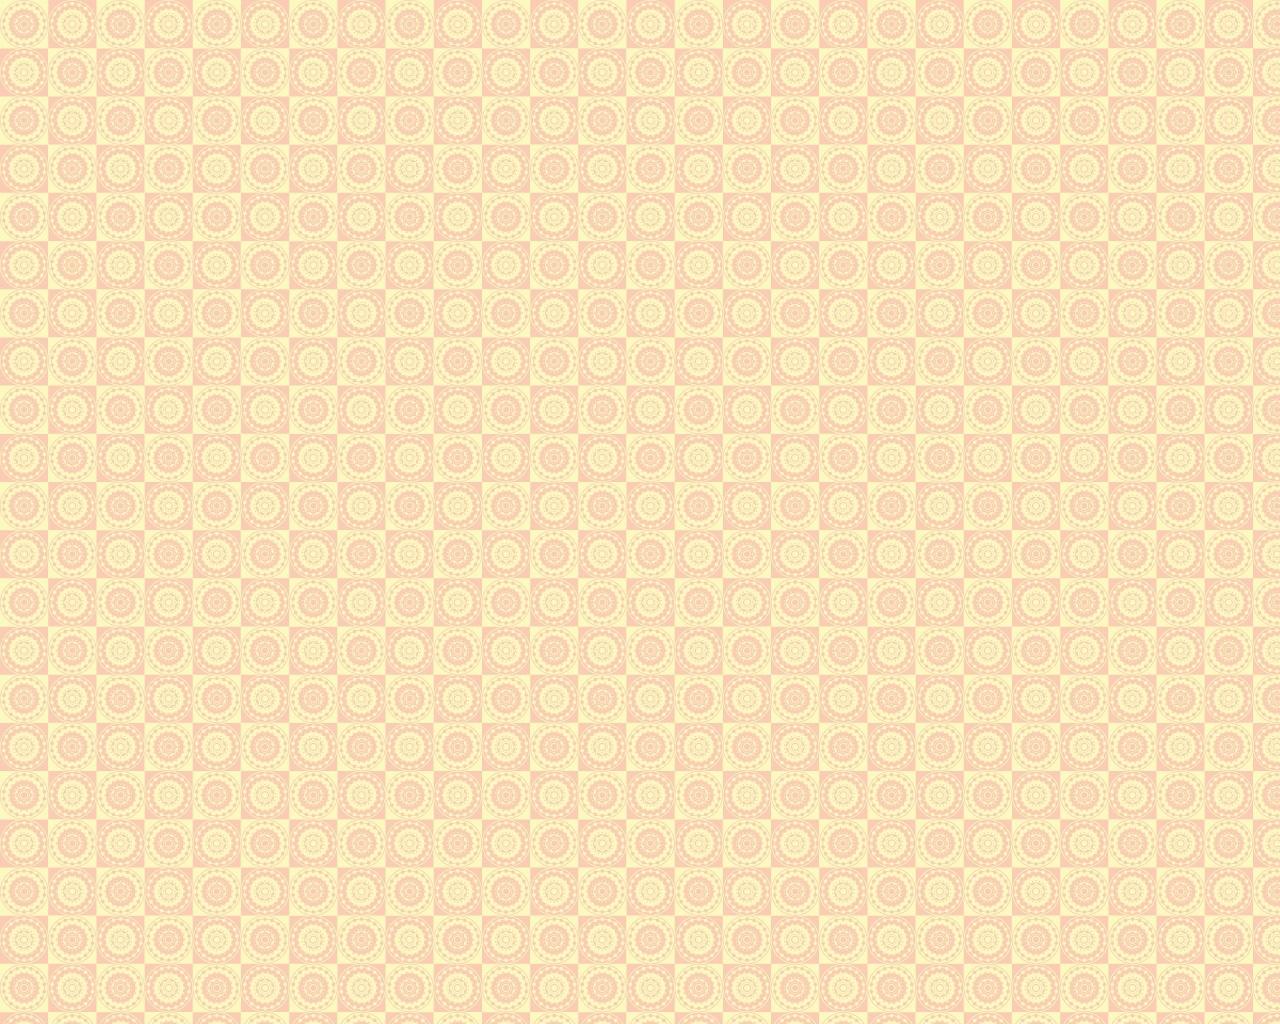 和風デザインは完璧!photoshopの無料パターン素材60選|ferret